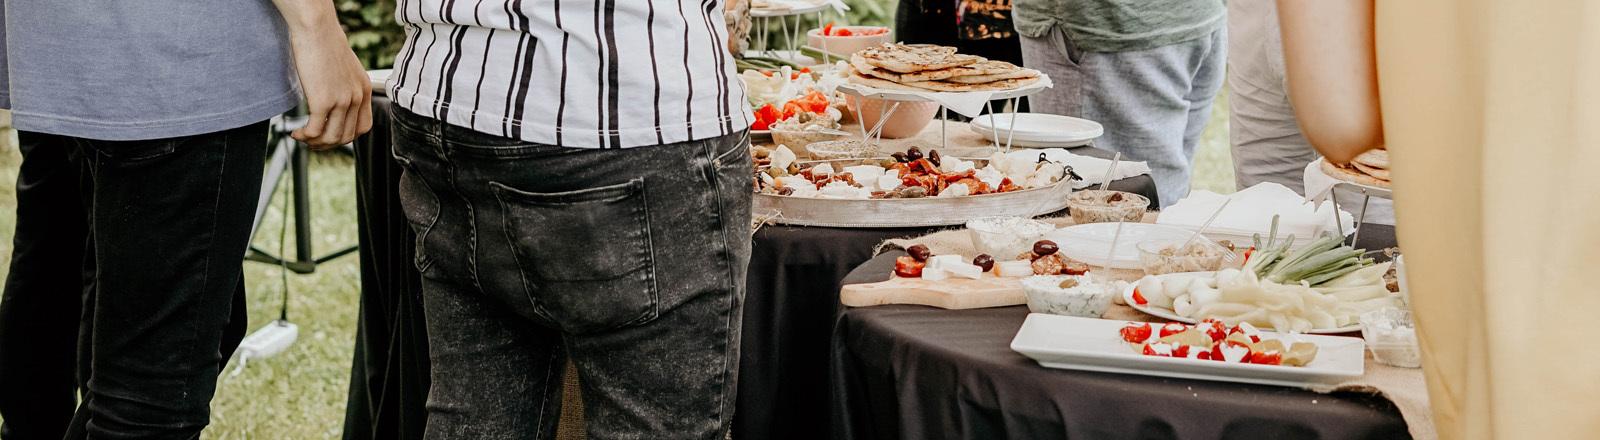 Buffet auf einer Party